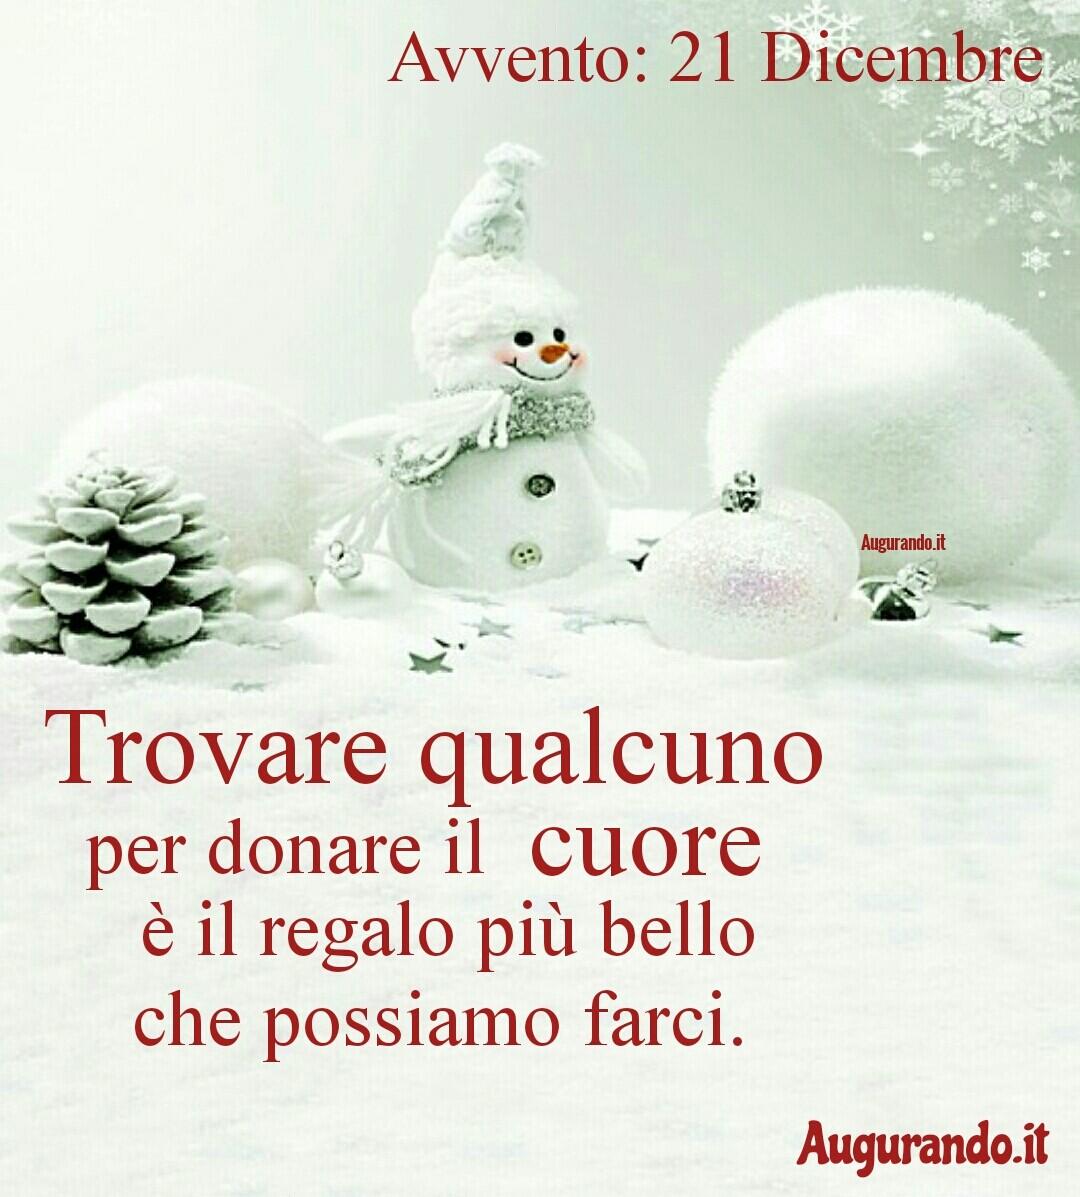 Giorno calendario Avvento 21 Dicembre